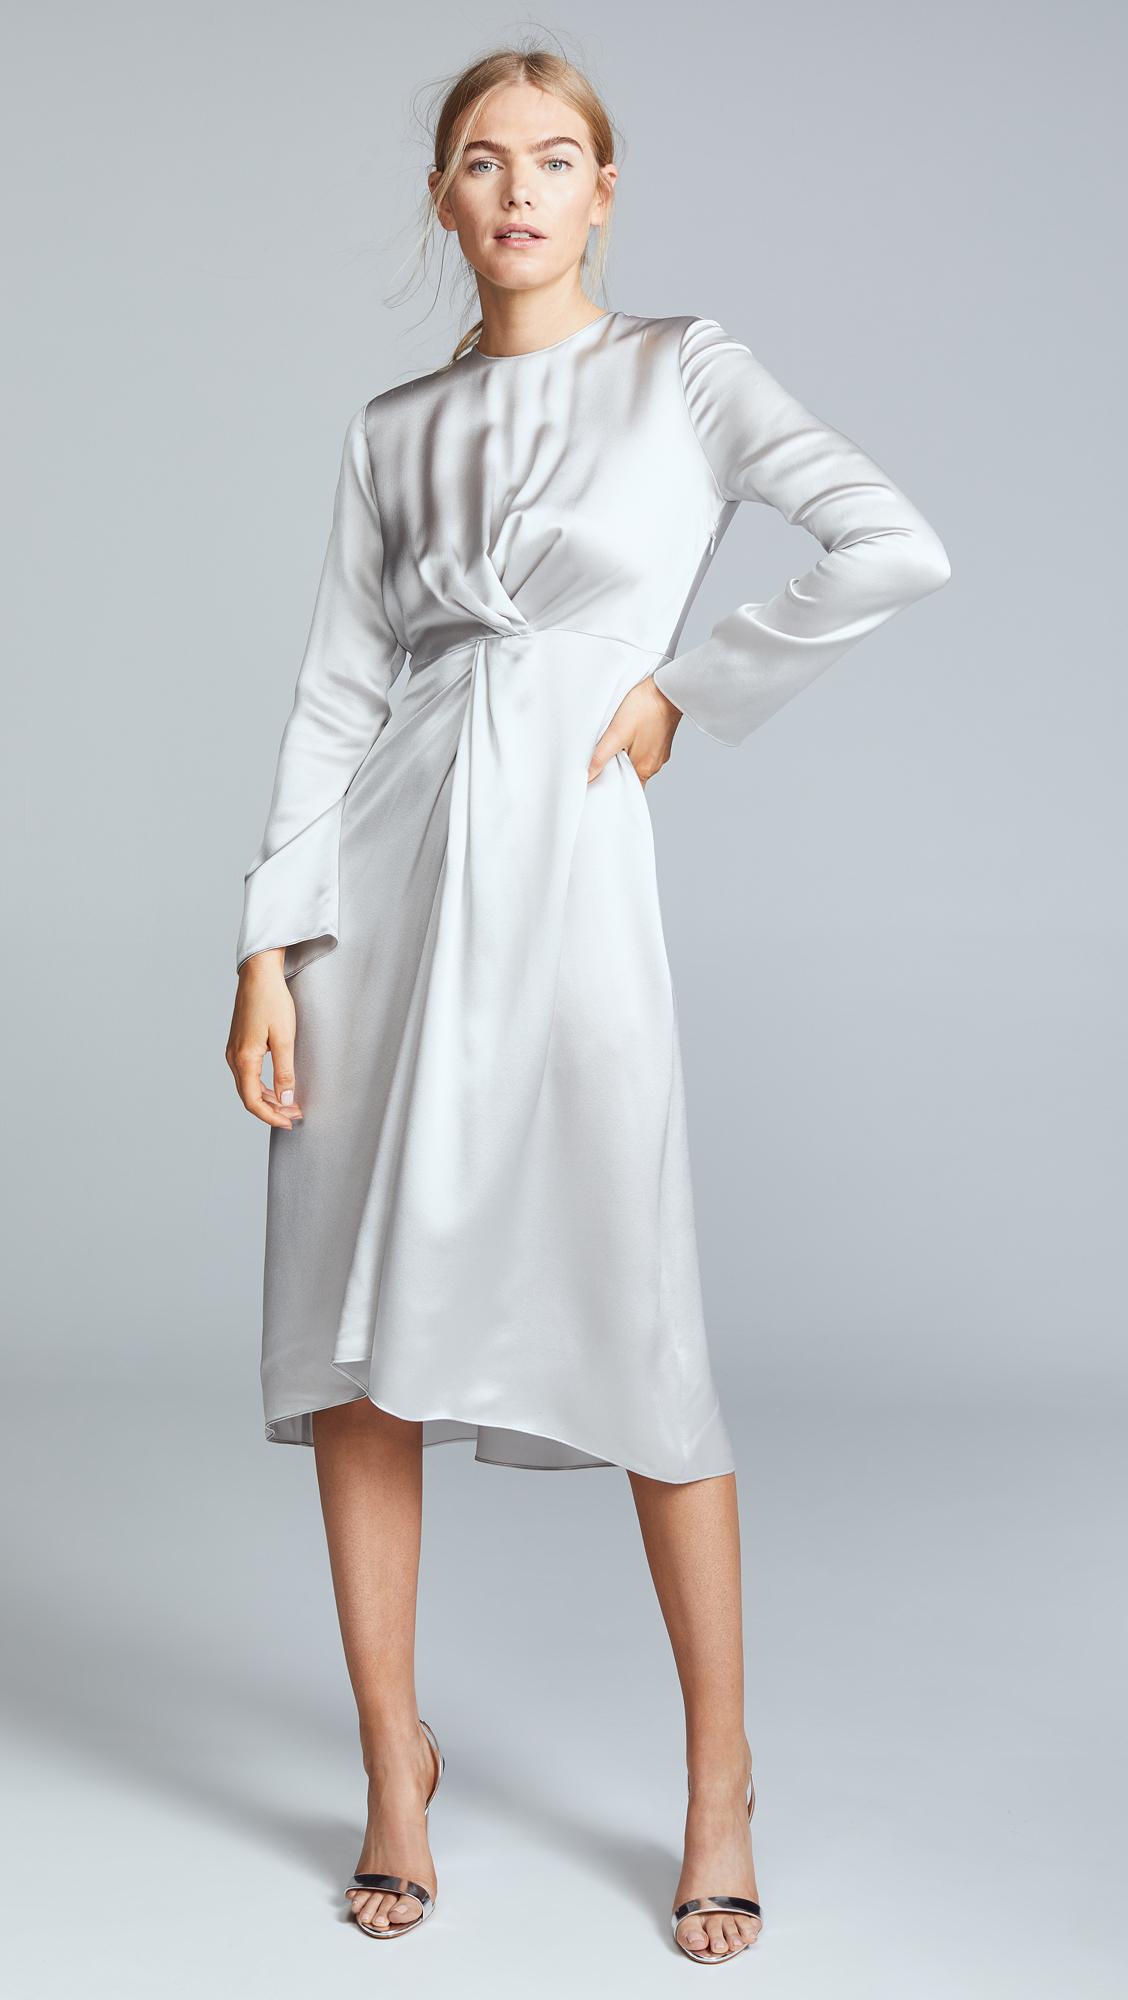 Twist Dress - 566 CAD